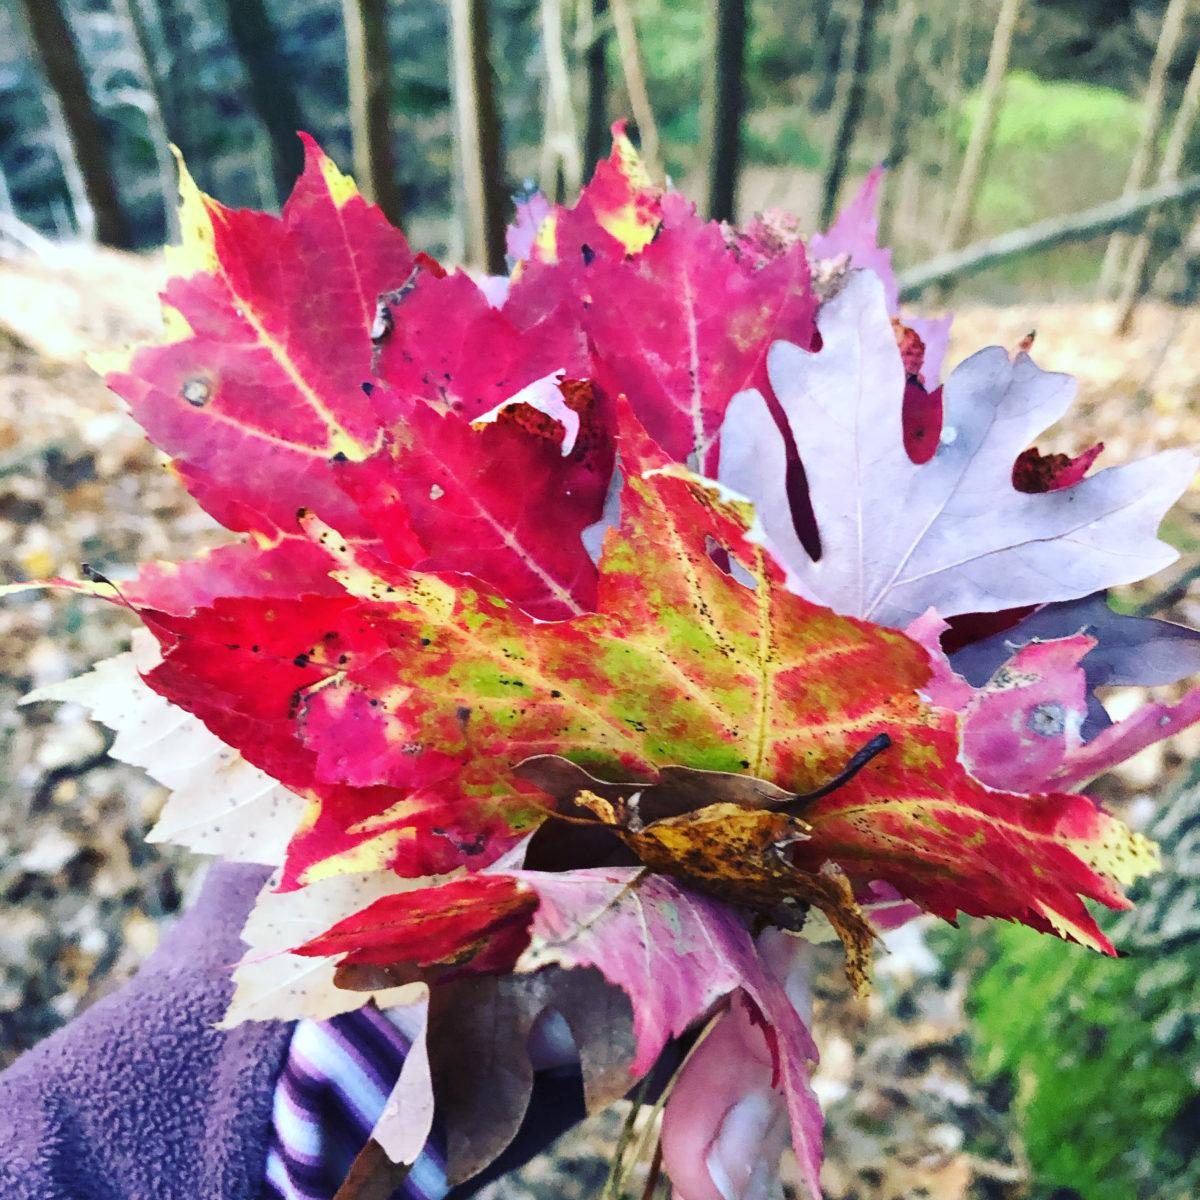 A bouquet of fallen fall leaves